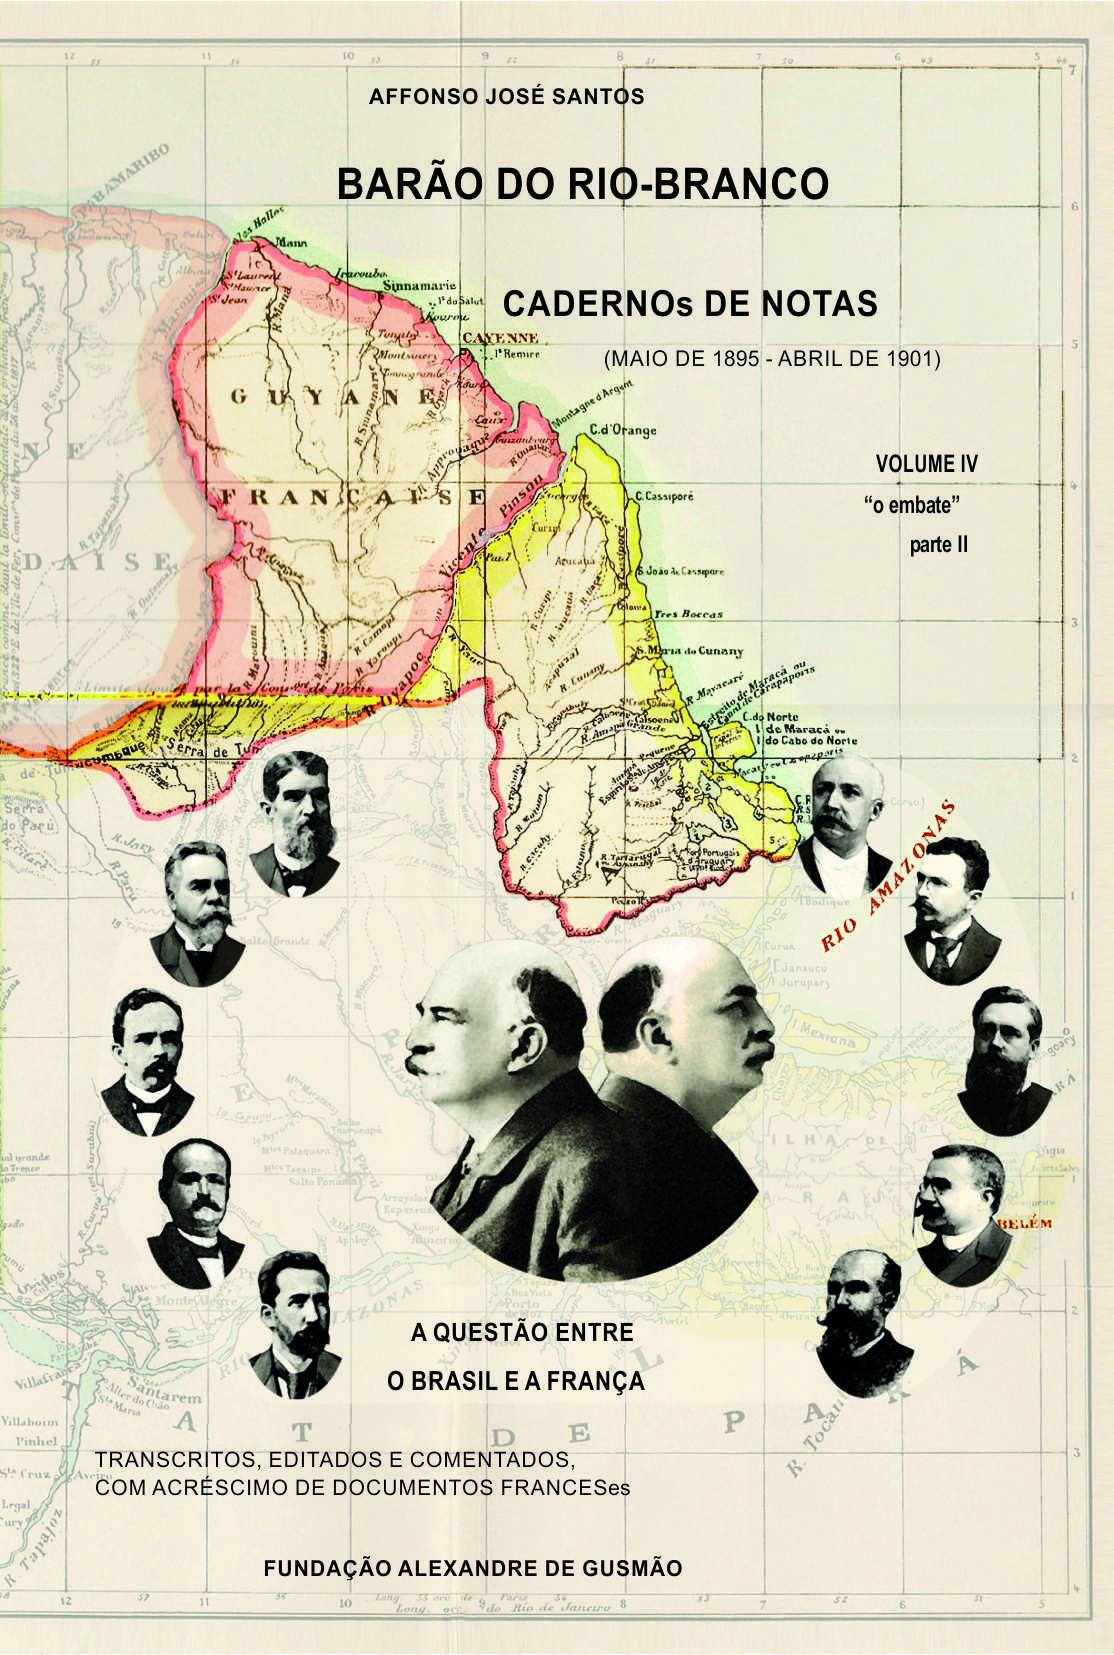 Barão do Rio-Branco Cadernos de Notas - Volume 4: A questão entre o Brasil e a França (maio de 1895 a abril de 1901)